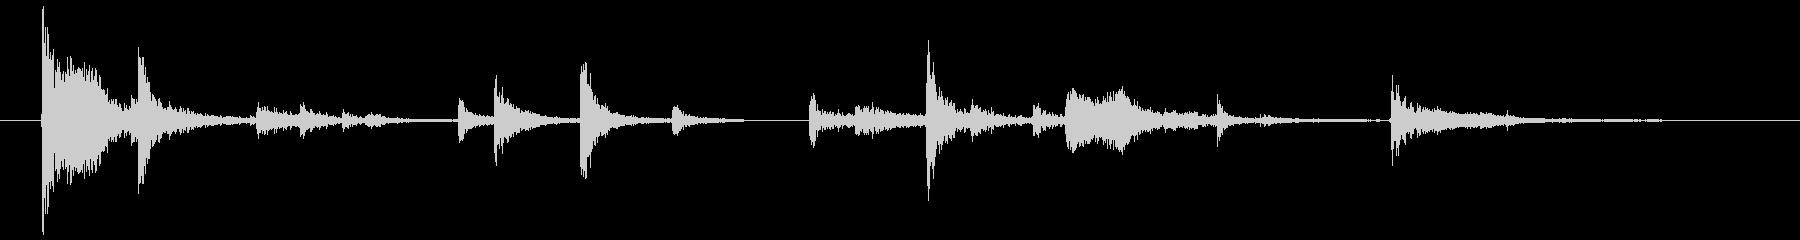 鎖・チェーンの効果音 04の未再生の波形